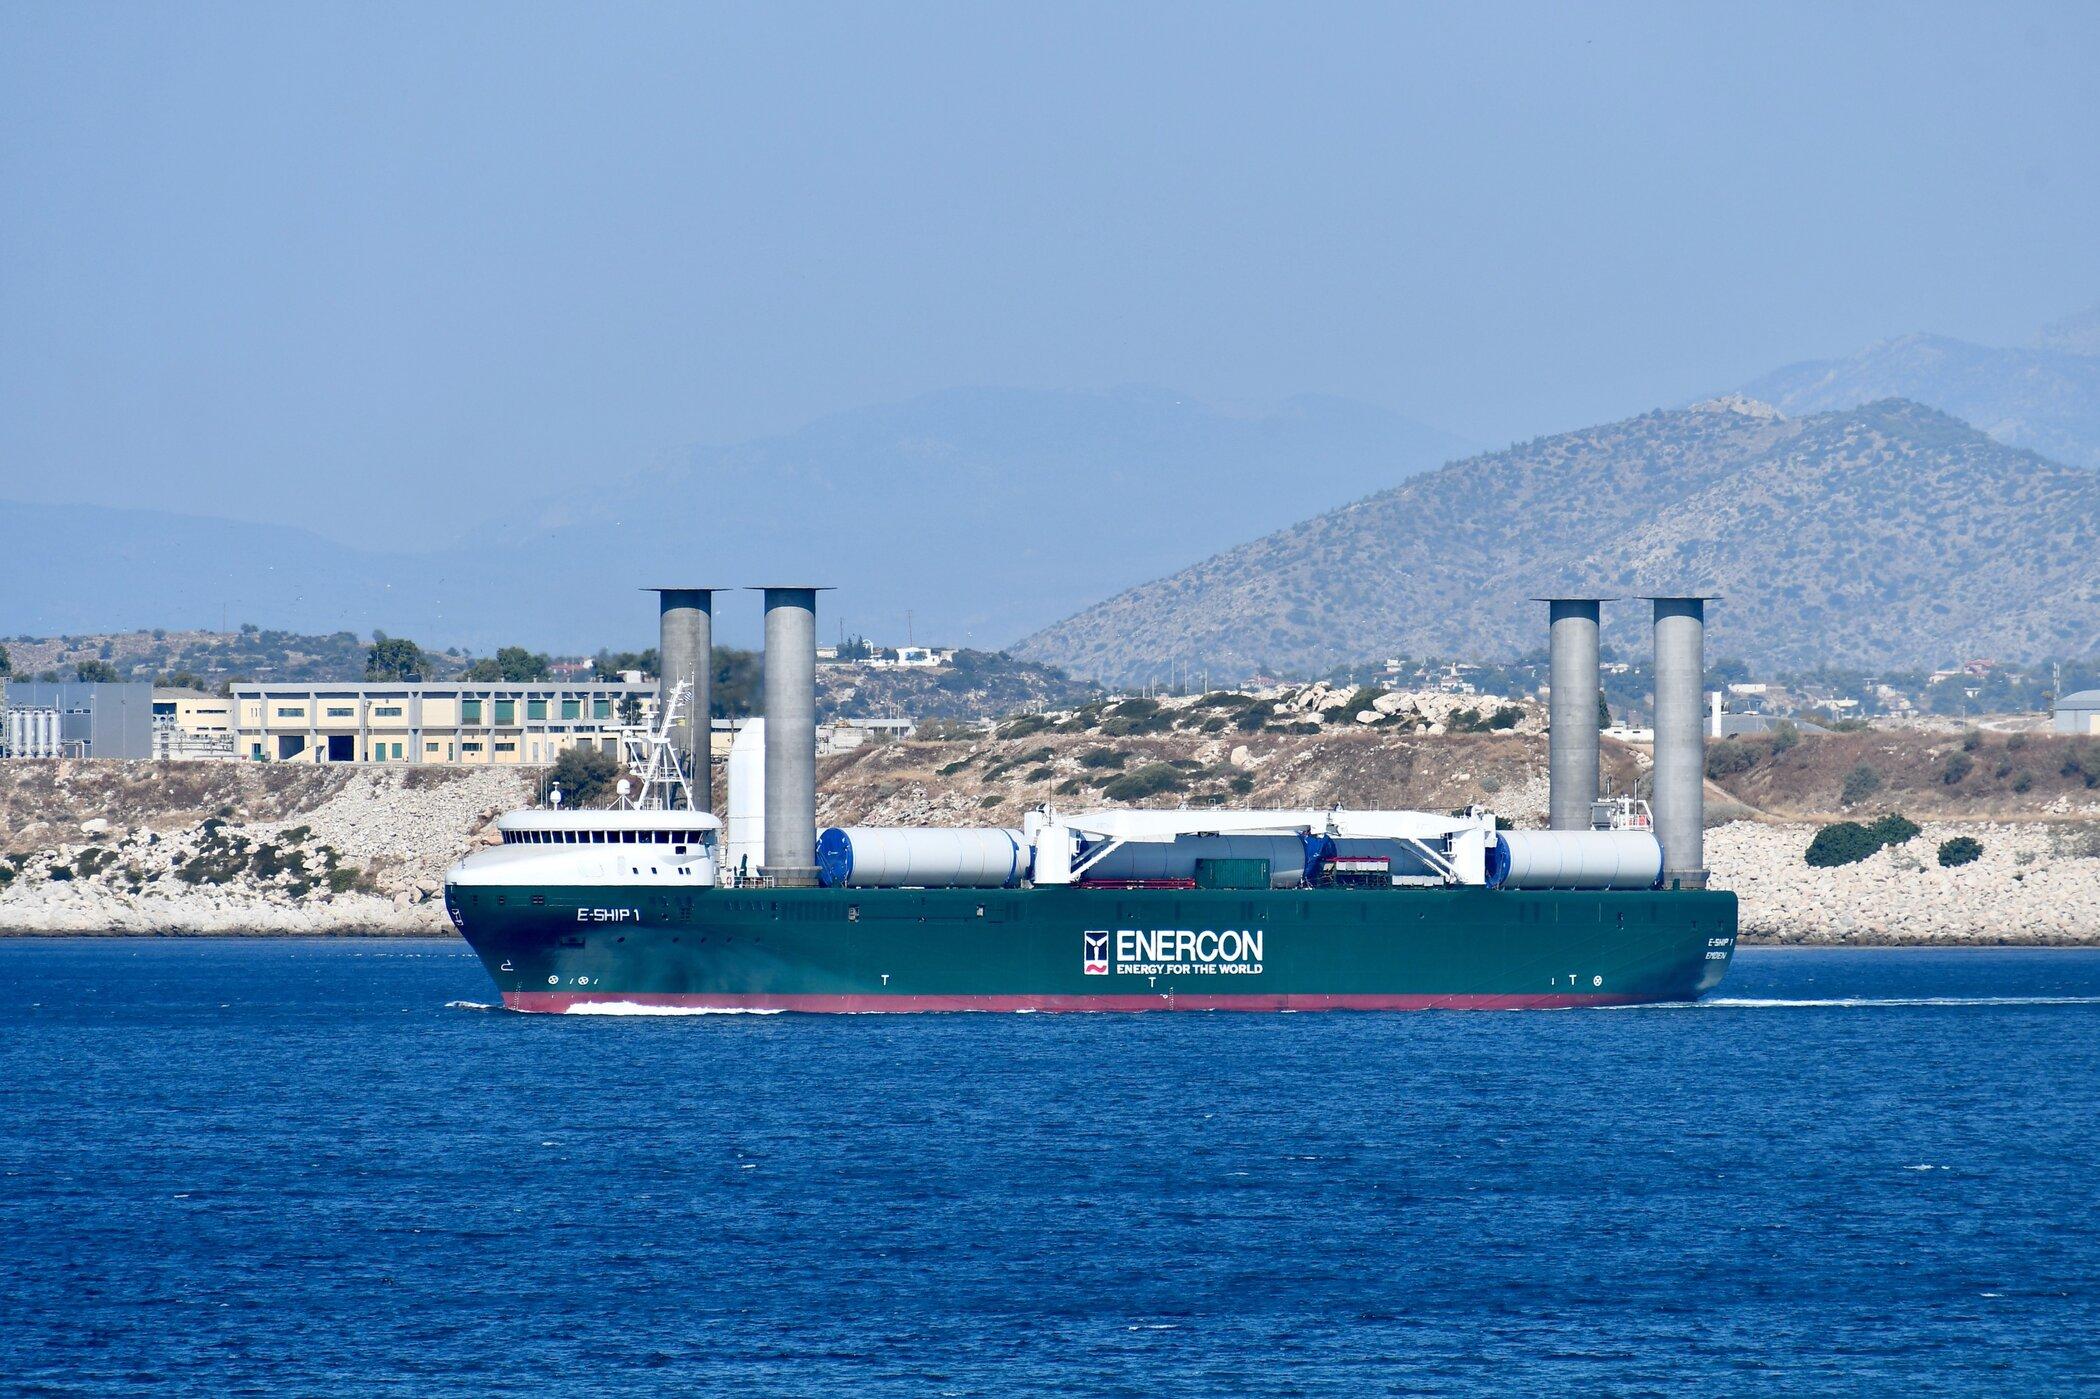 E-Ship 1_31-07-20_Piraeus